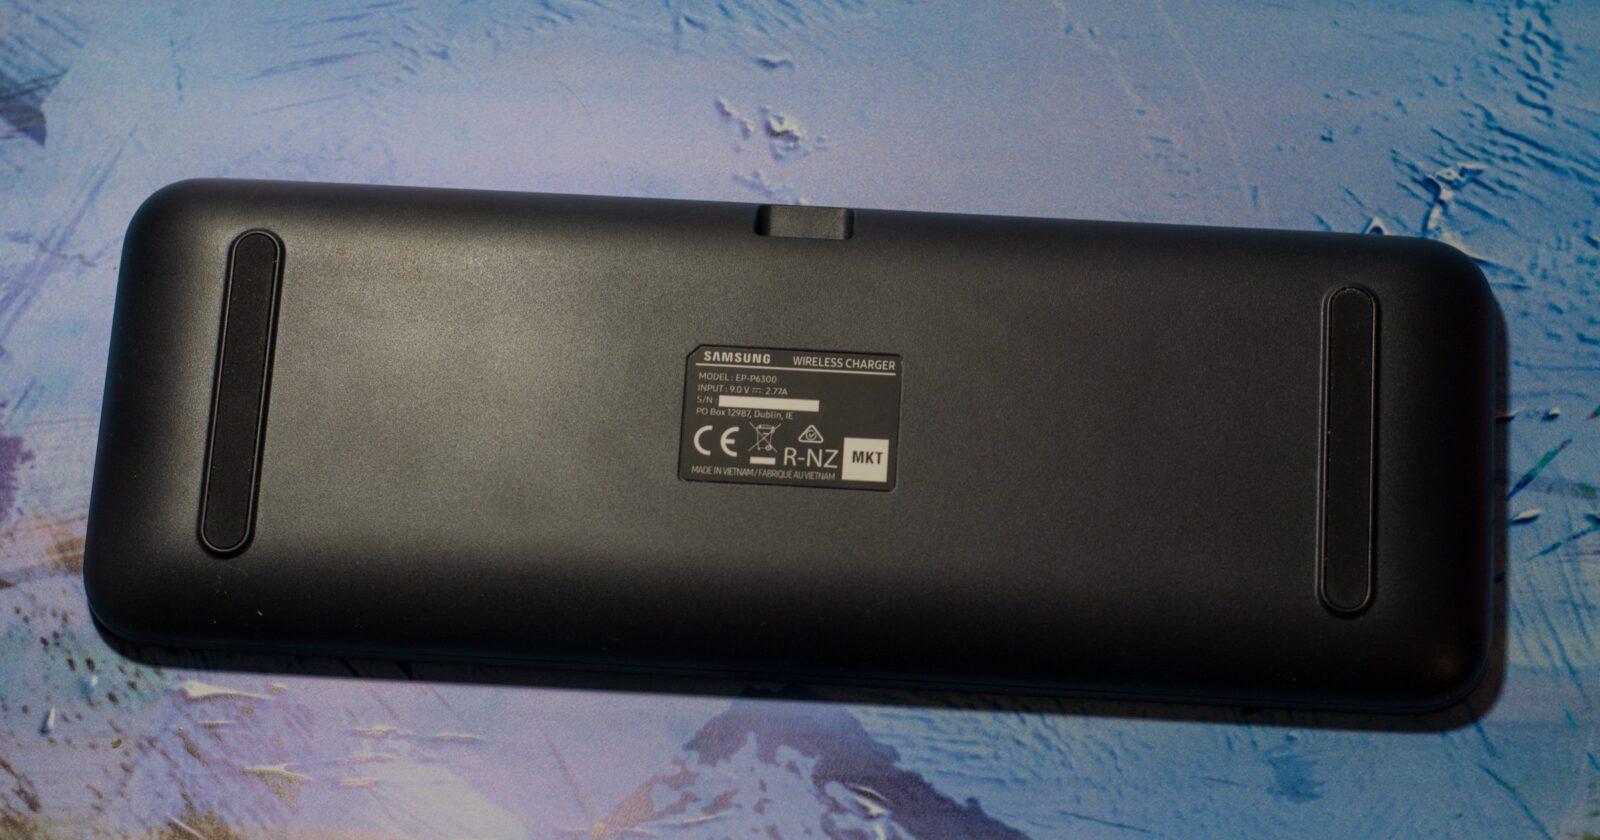 Обзор Samsung Wireless Charger Trio: без проводов и для трёх устройств (DSC 9751)